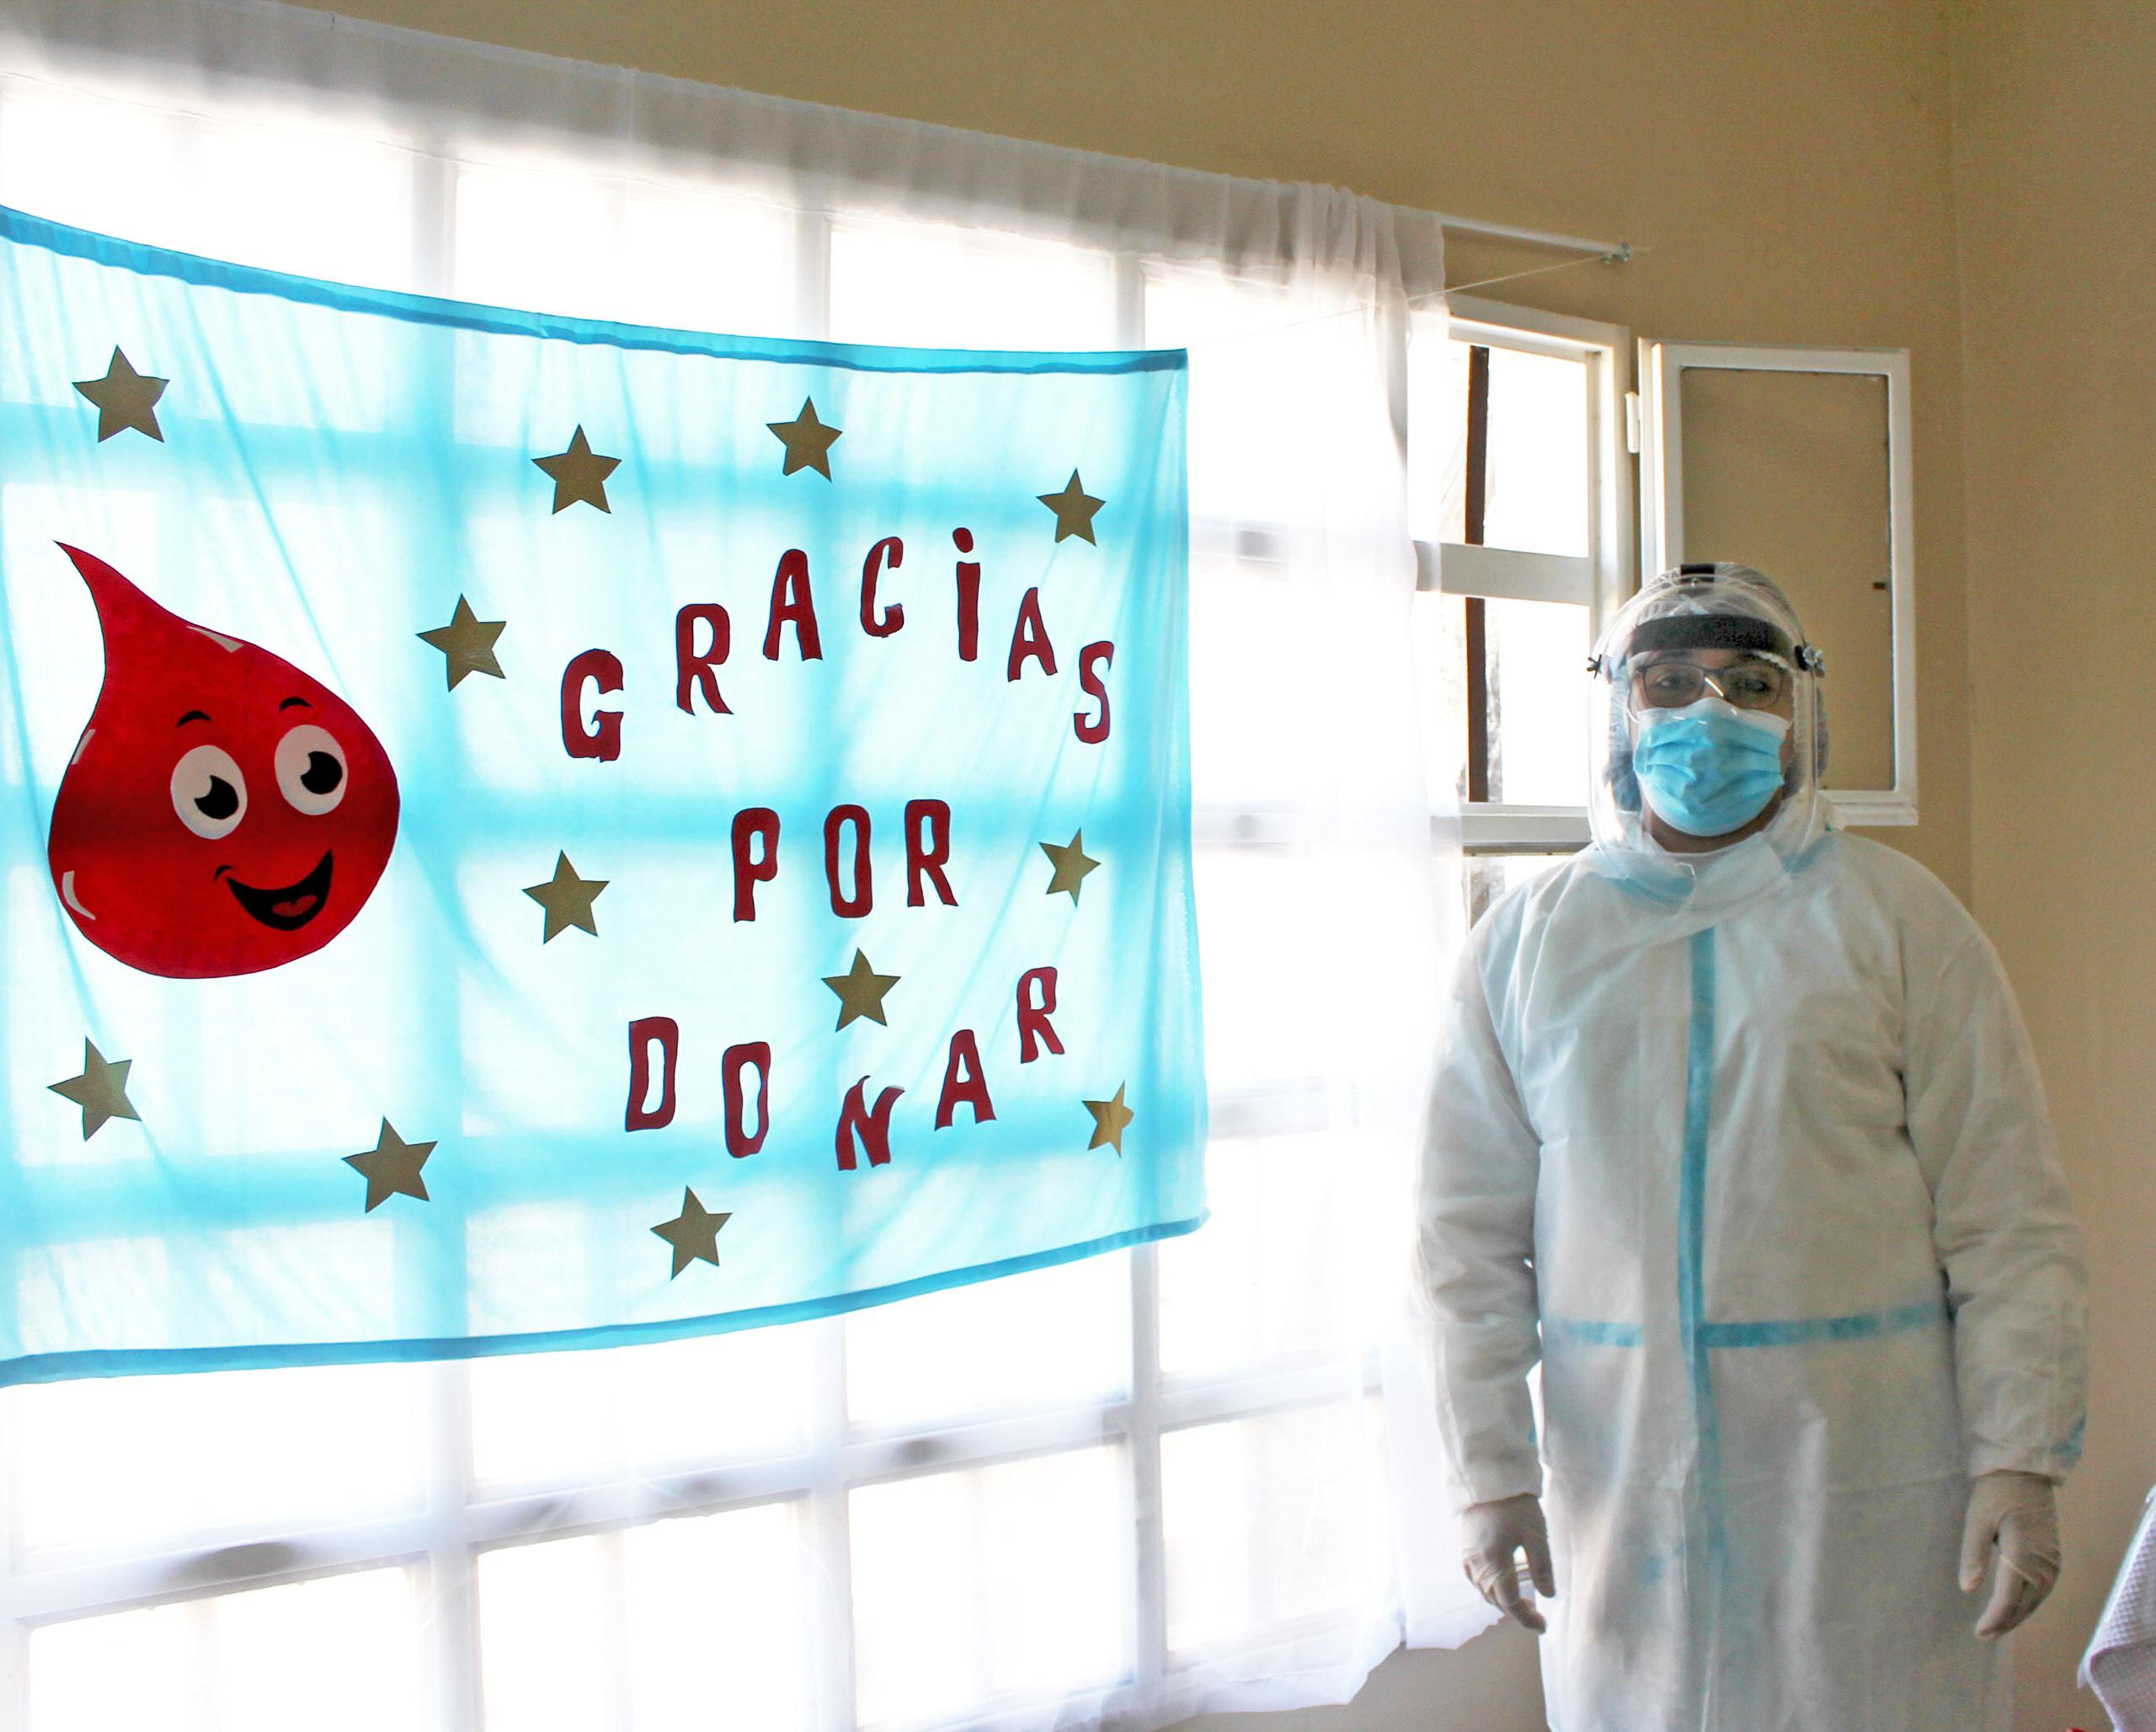 PROTEGIDOS. Los trabajadores cuentan con sus elementos de protección personal. Foto: Solange Alarcón/La Opinión Zona Norte